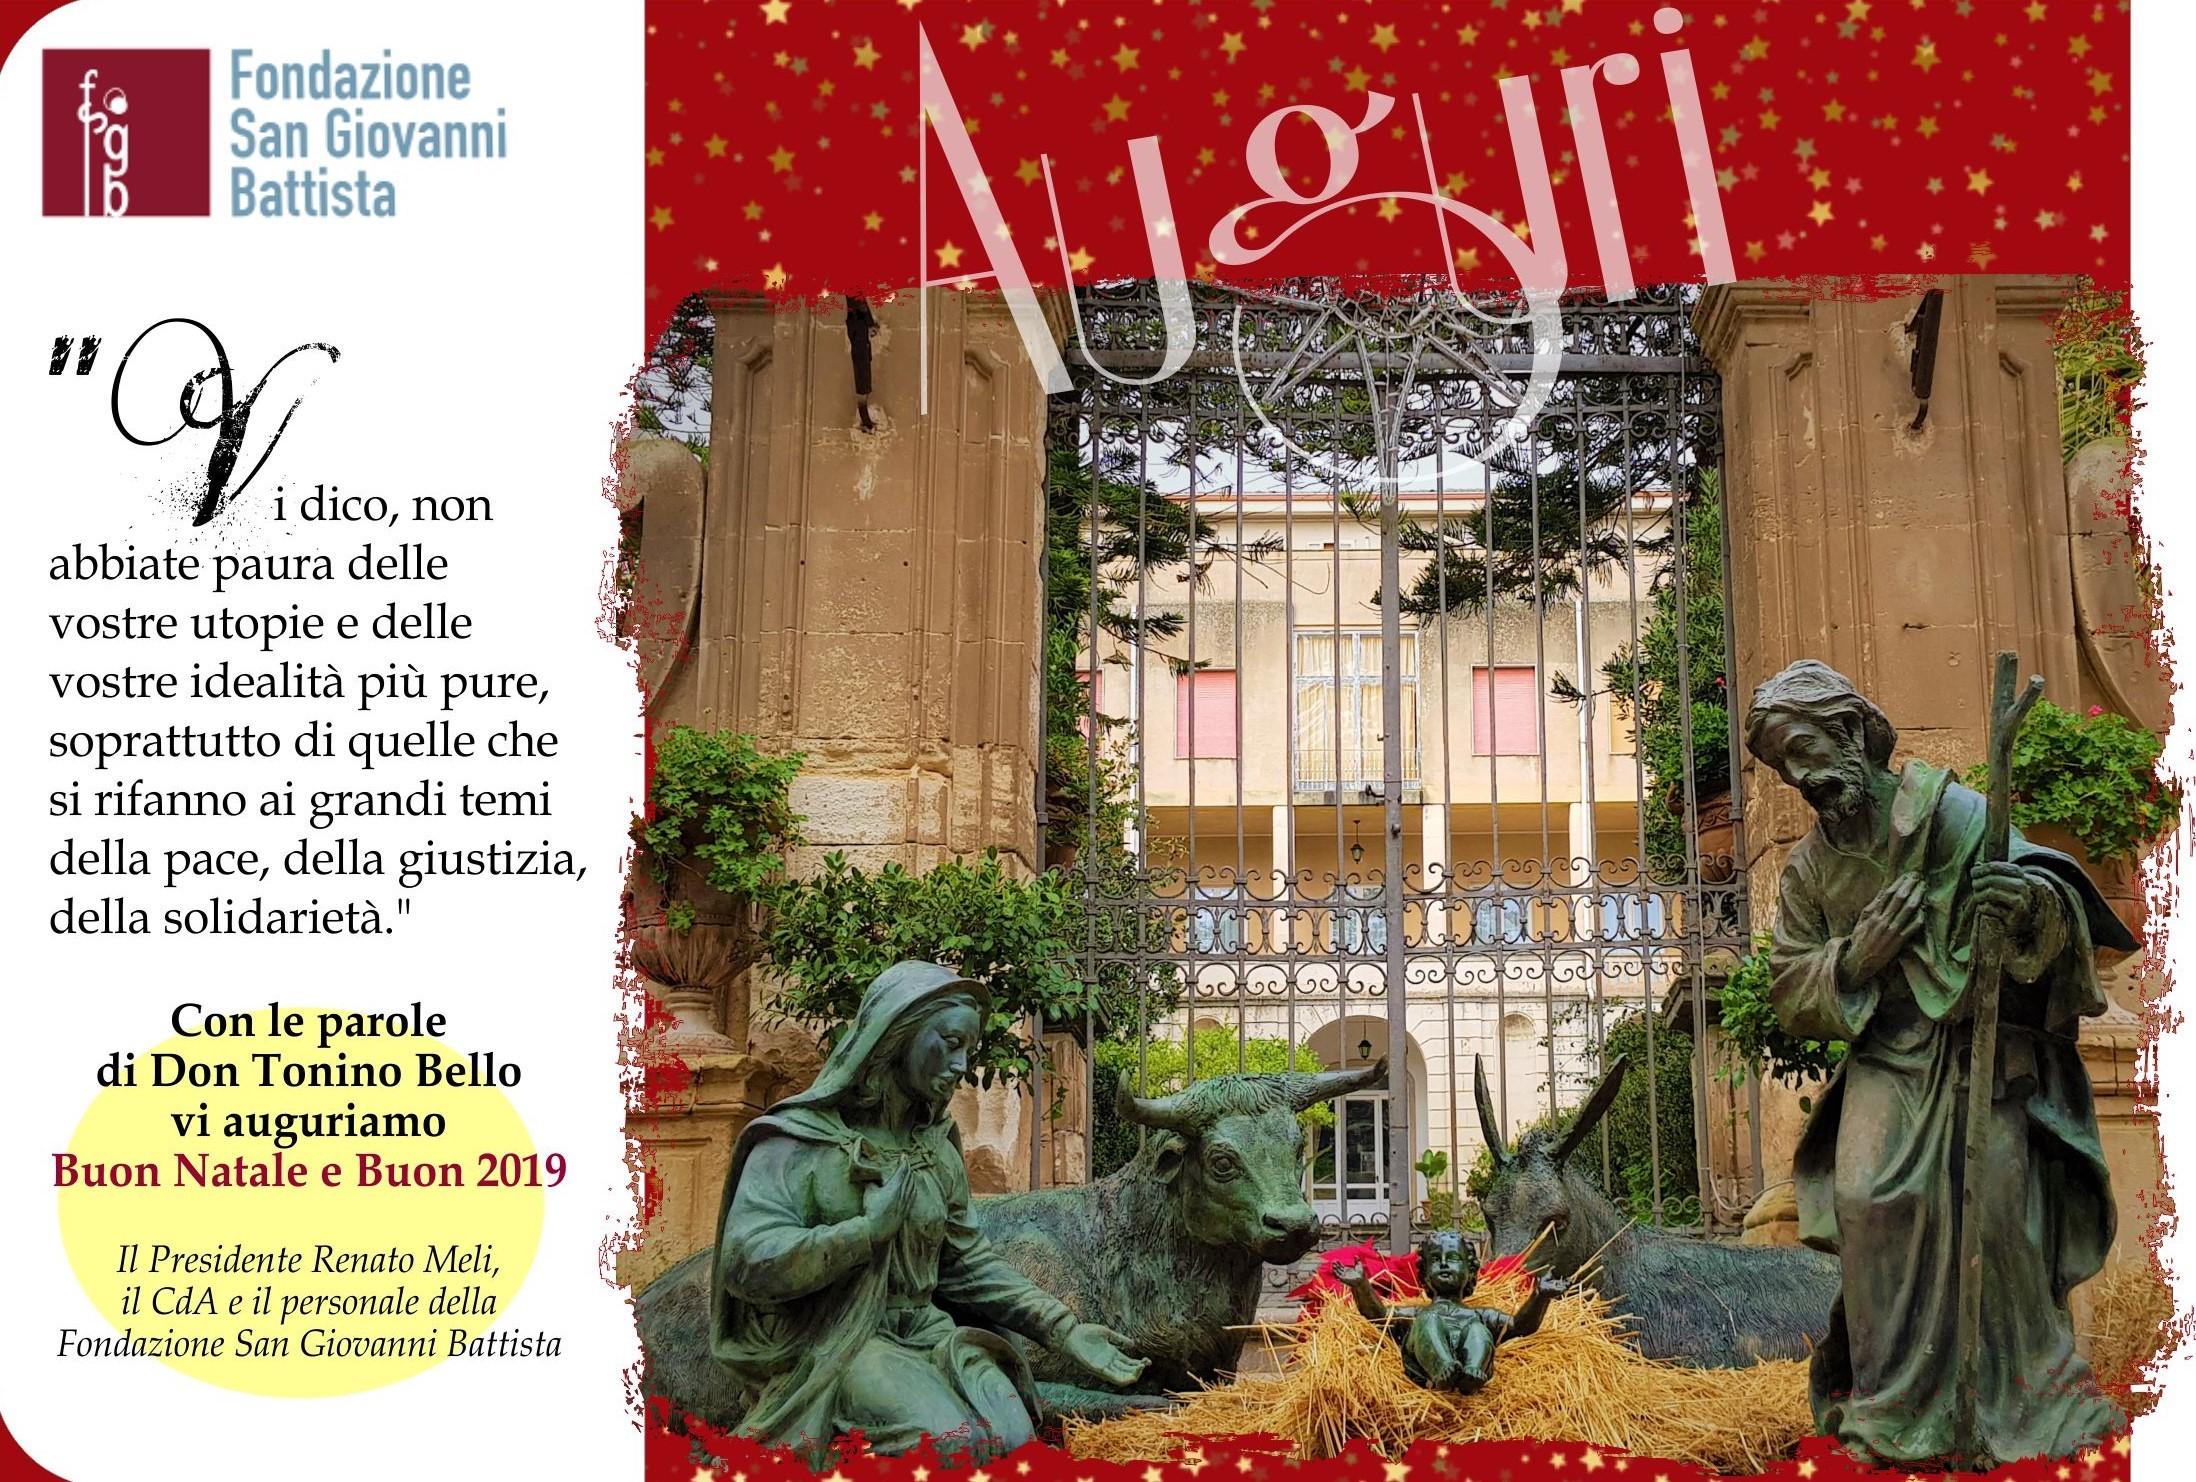 Parole Di Buon Natale.Buon Natale E Buon 2019 Fondazione San Giovanni Battista